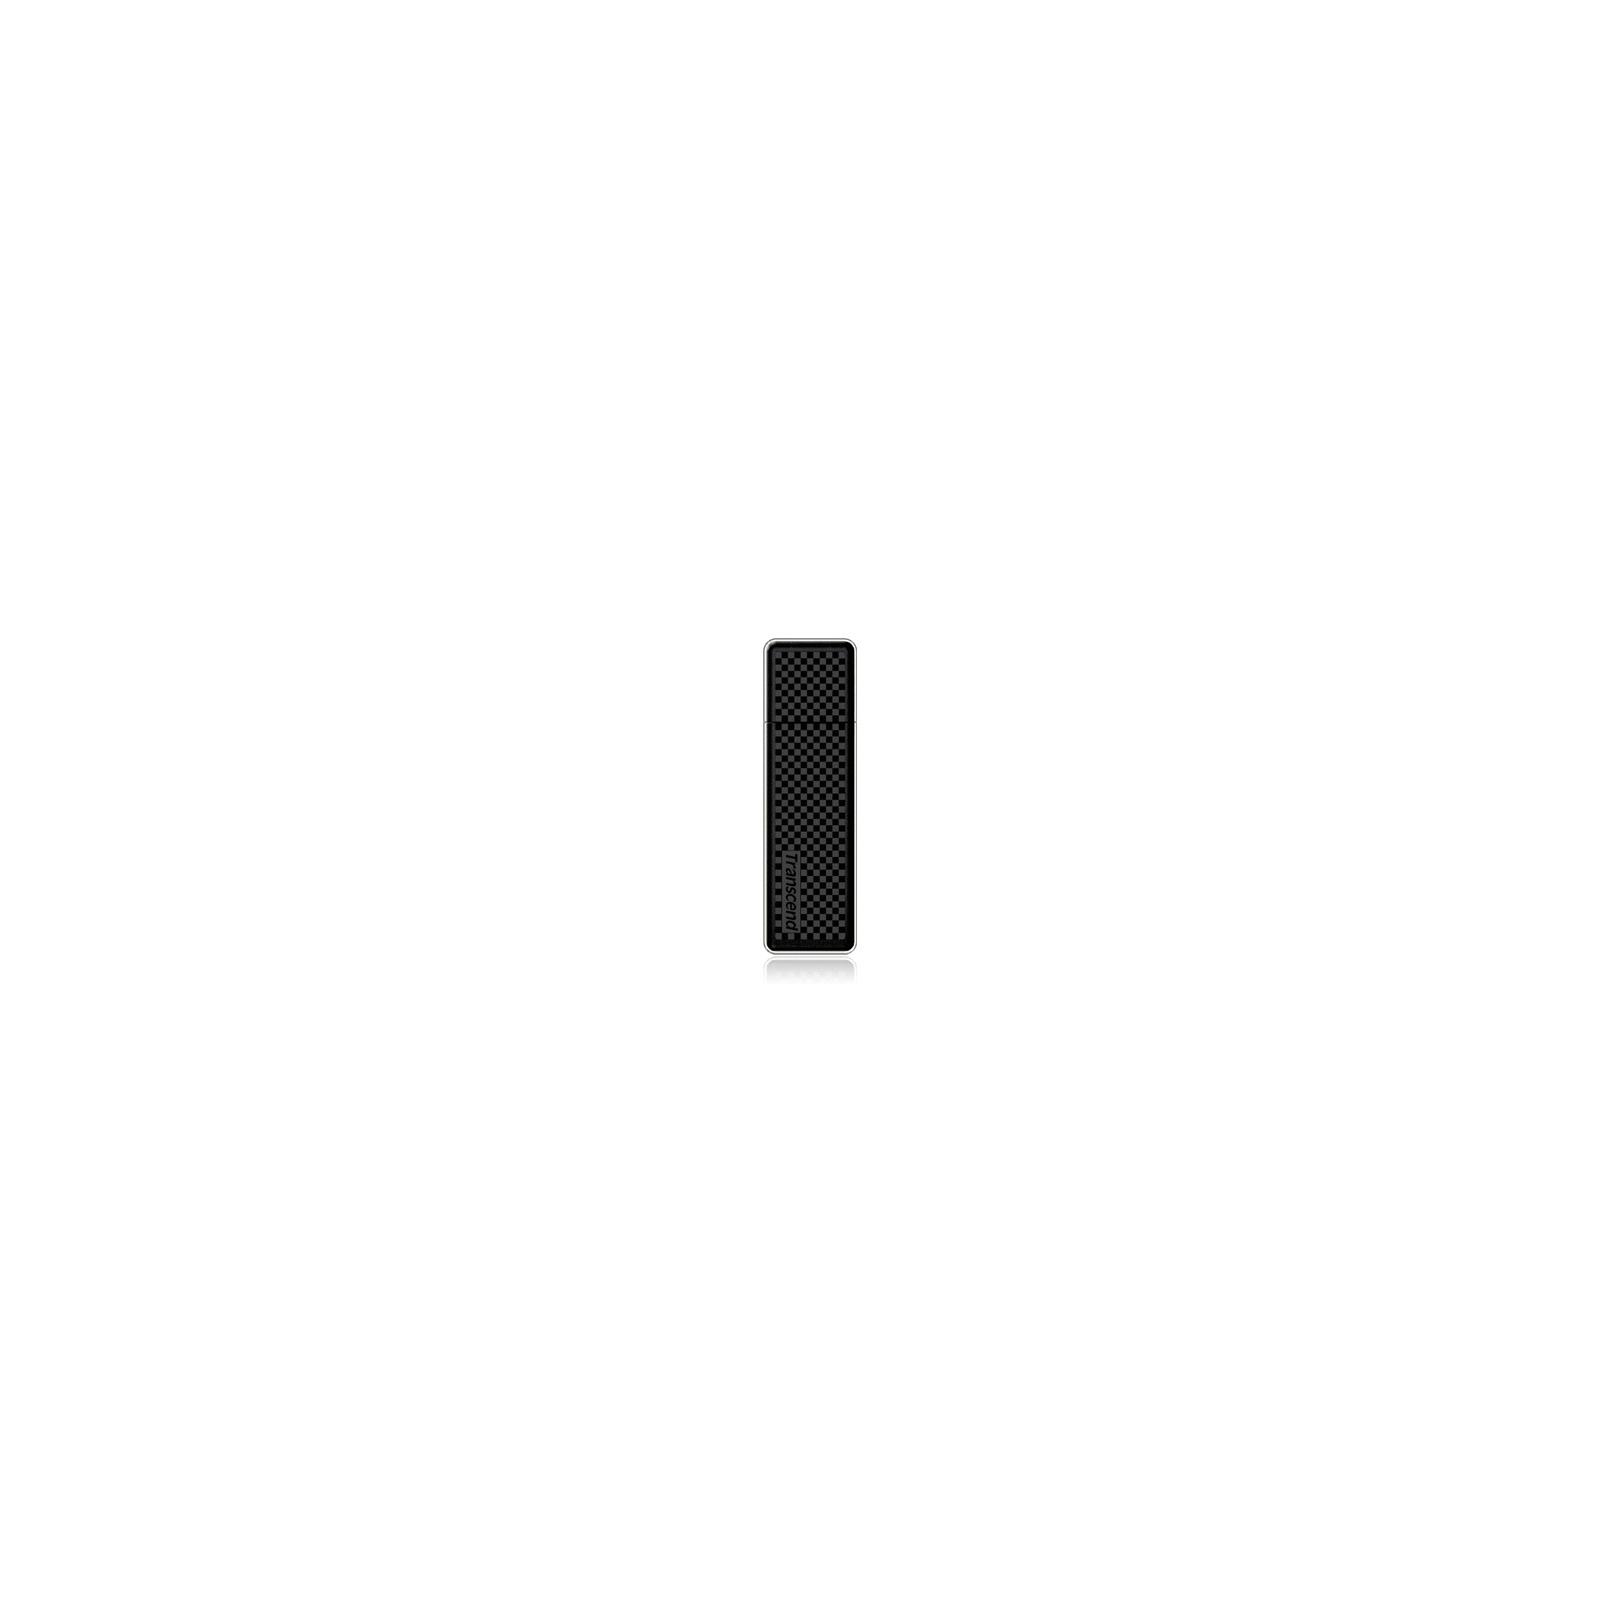 USB флеш накопитель Transcend 32Gb JetFlash 780 (TS32GJF780)